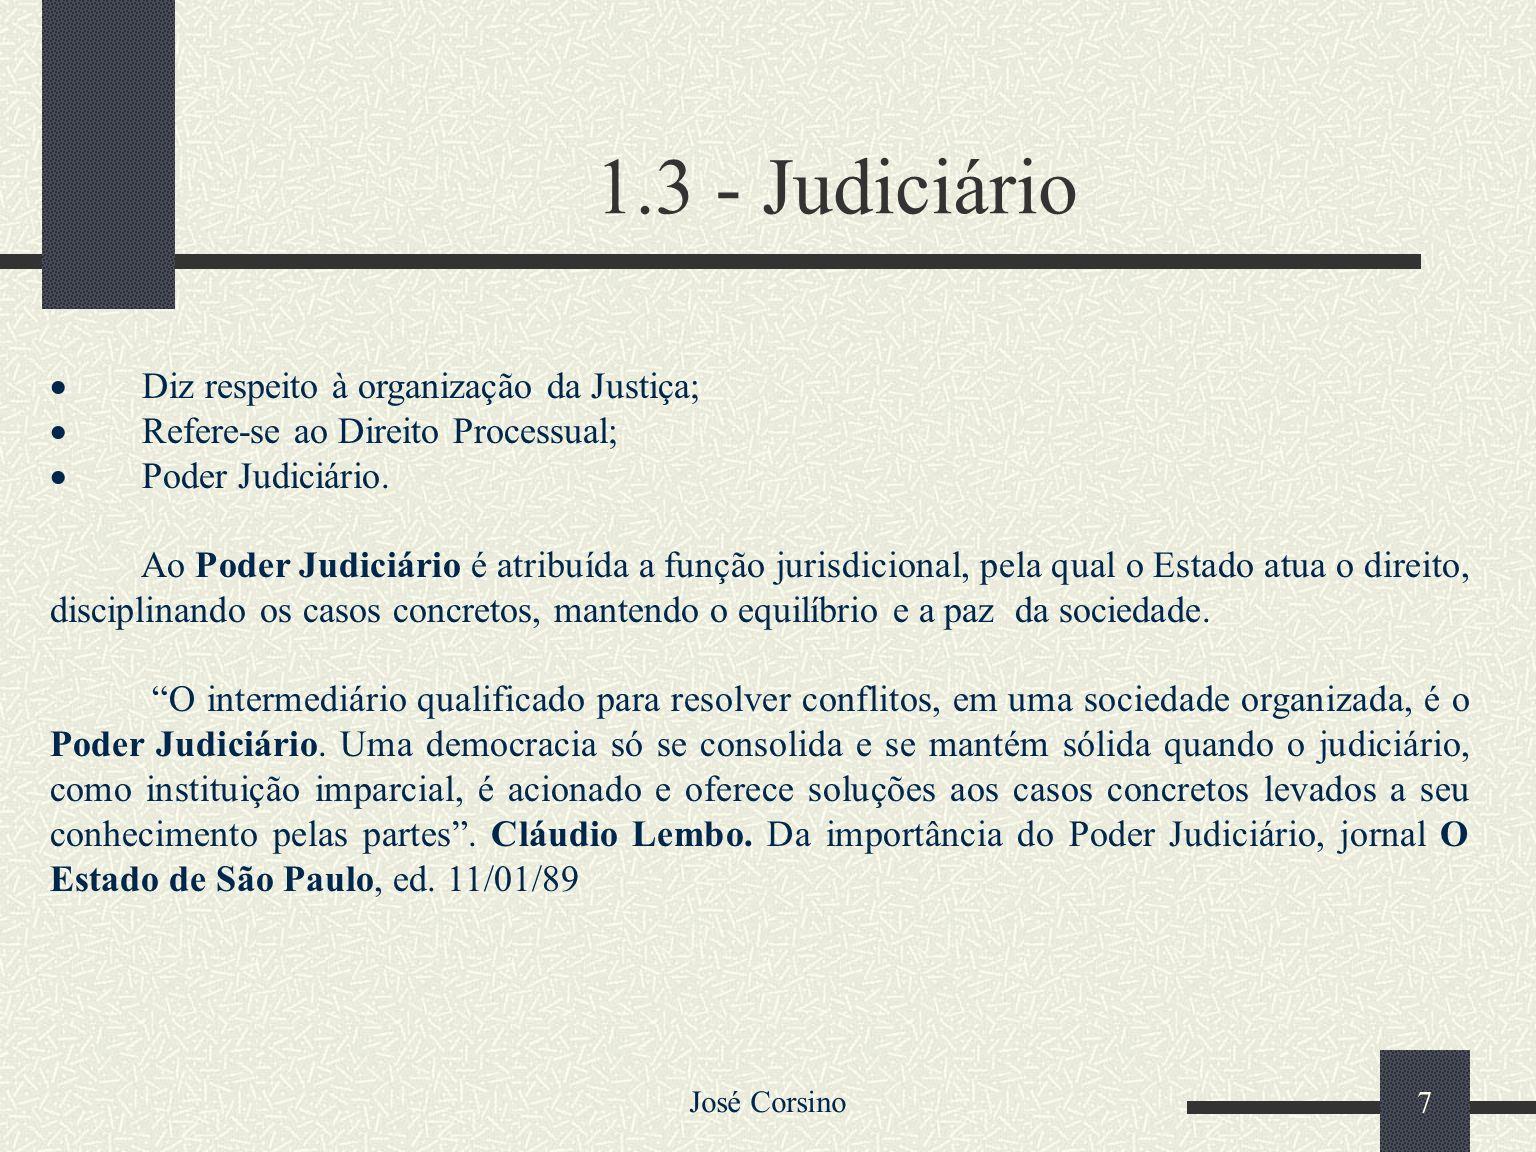 1.3 - Judiciário · Diz respeito à organização da Justiça;